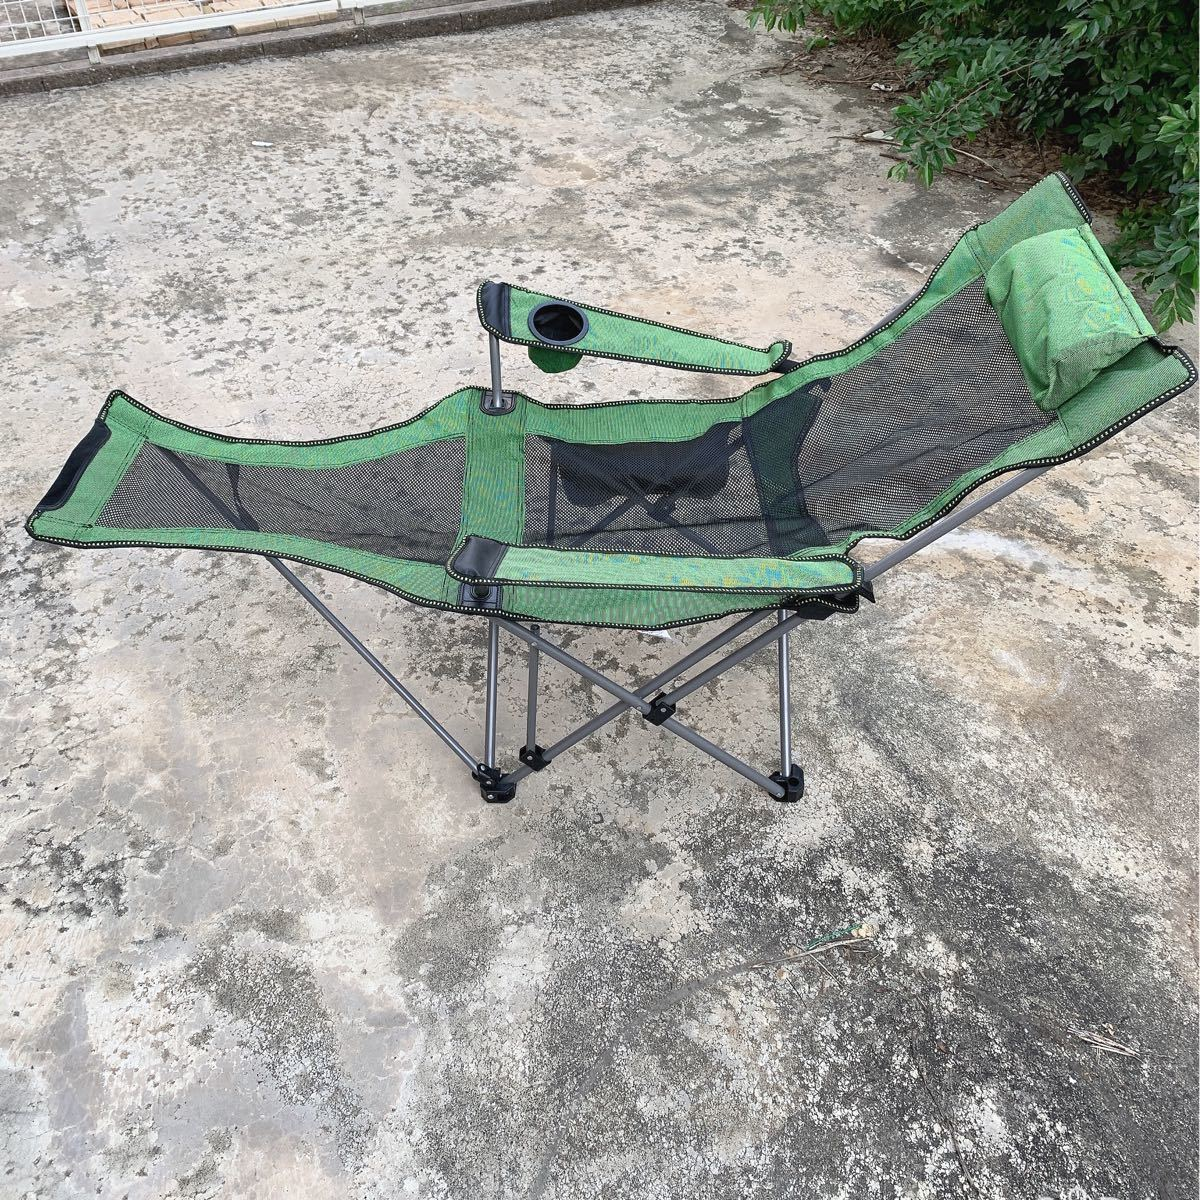 アウトドアチェア リクライニングチェア キャンプイス グリーン 収納袋 折り畳み椅子 アウトドア用品【KP0001】